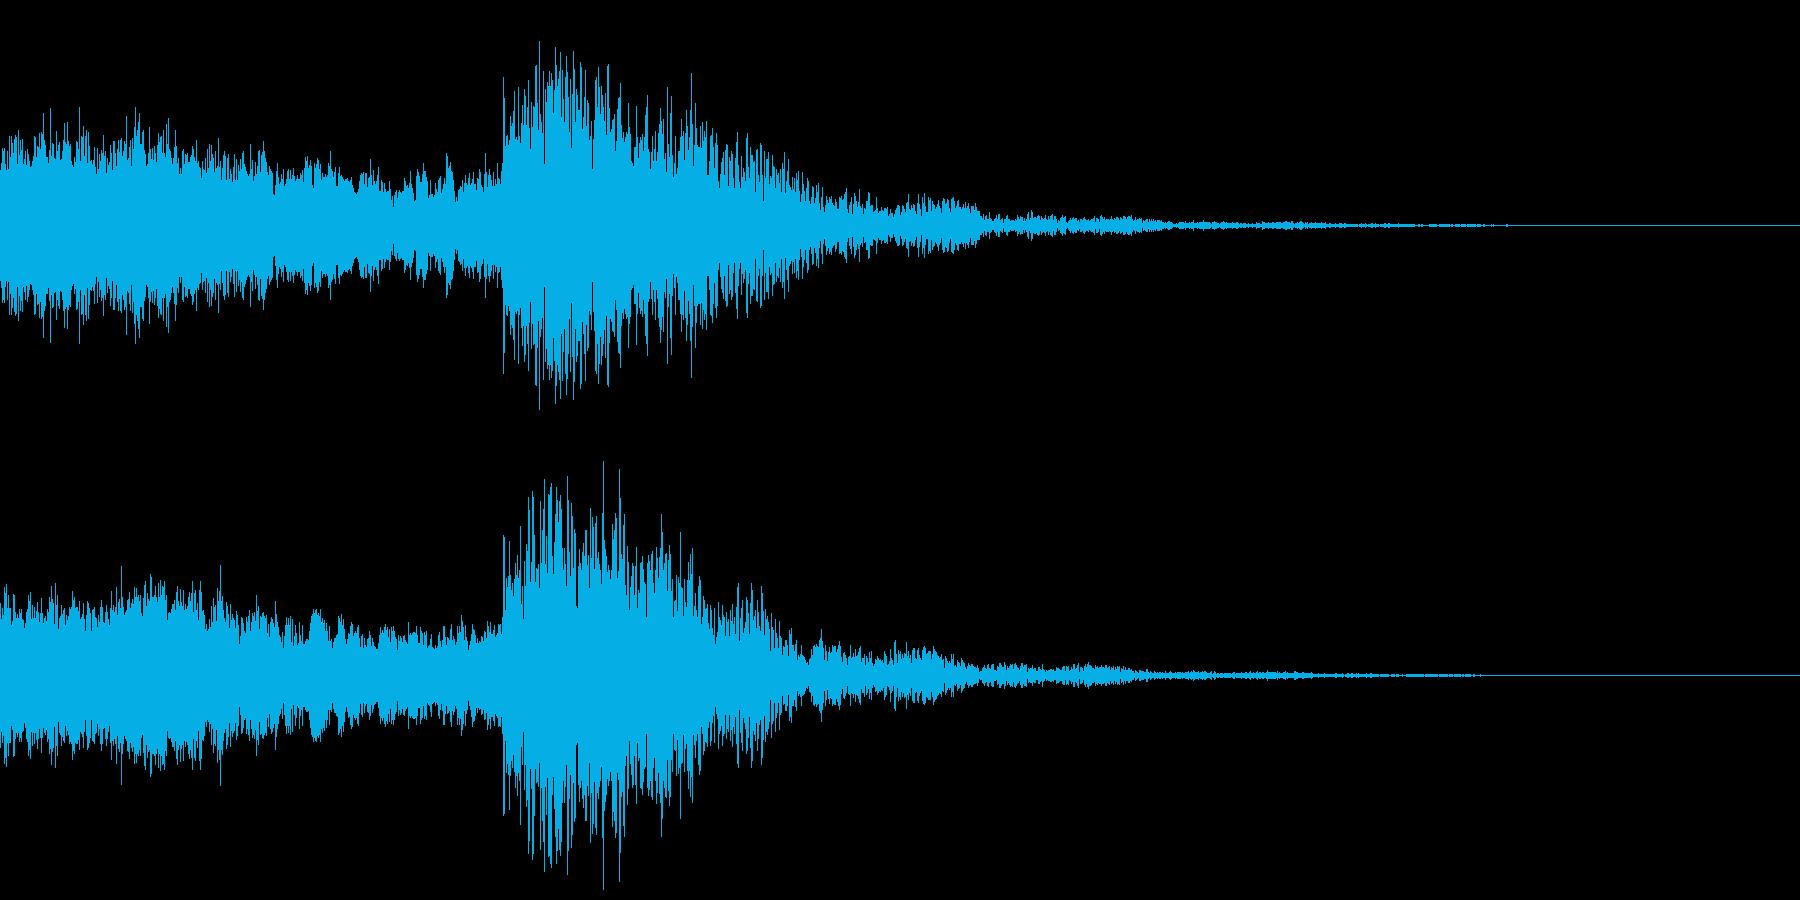 太鼓と尺八の和風インパクトジングル!14の再生済みの波形